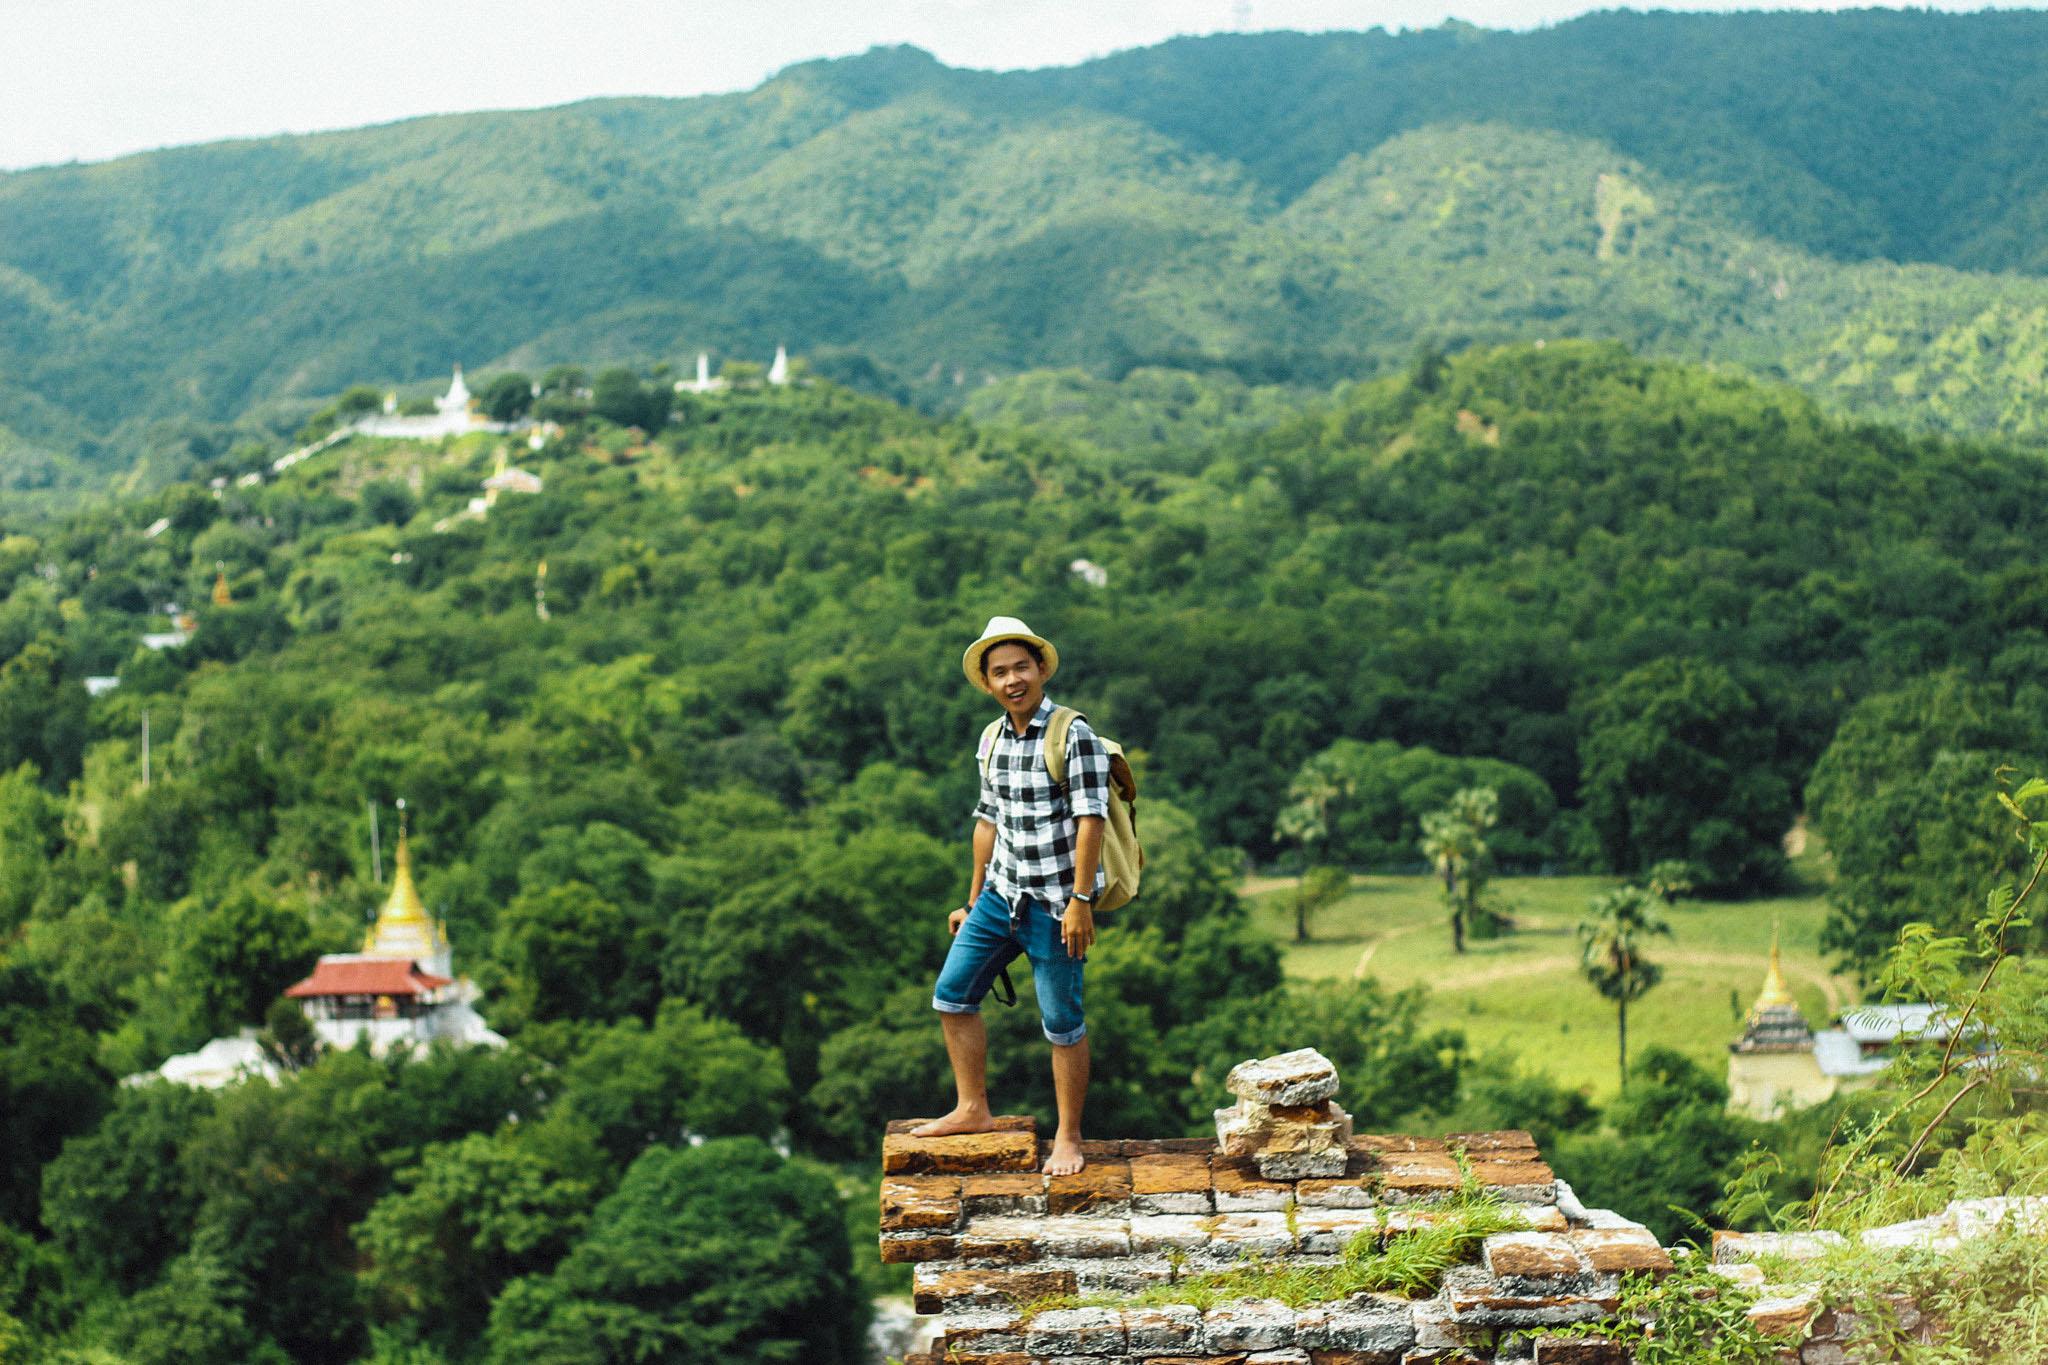 Tour Du Lịch Myanmar 4 Ngày 3 Đêm Giá Rẻ từ Hà Nội & Hồ Chí Minh - Vietmountain Travel 2